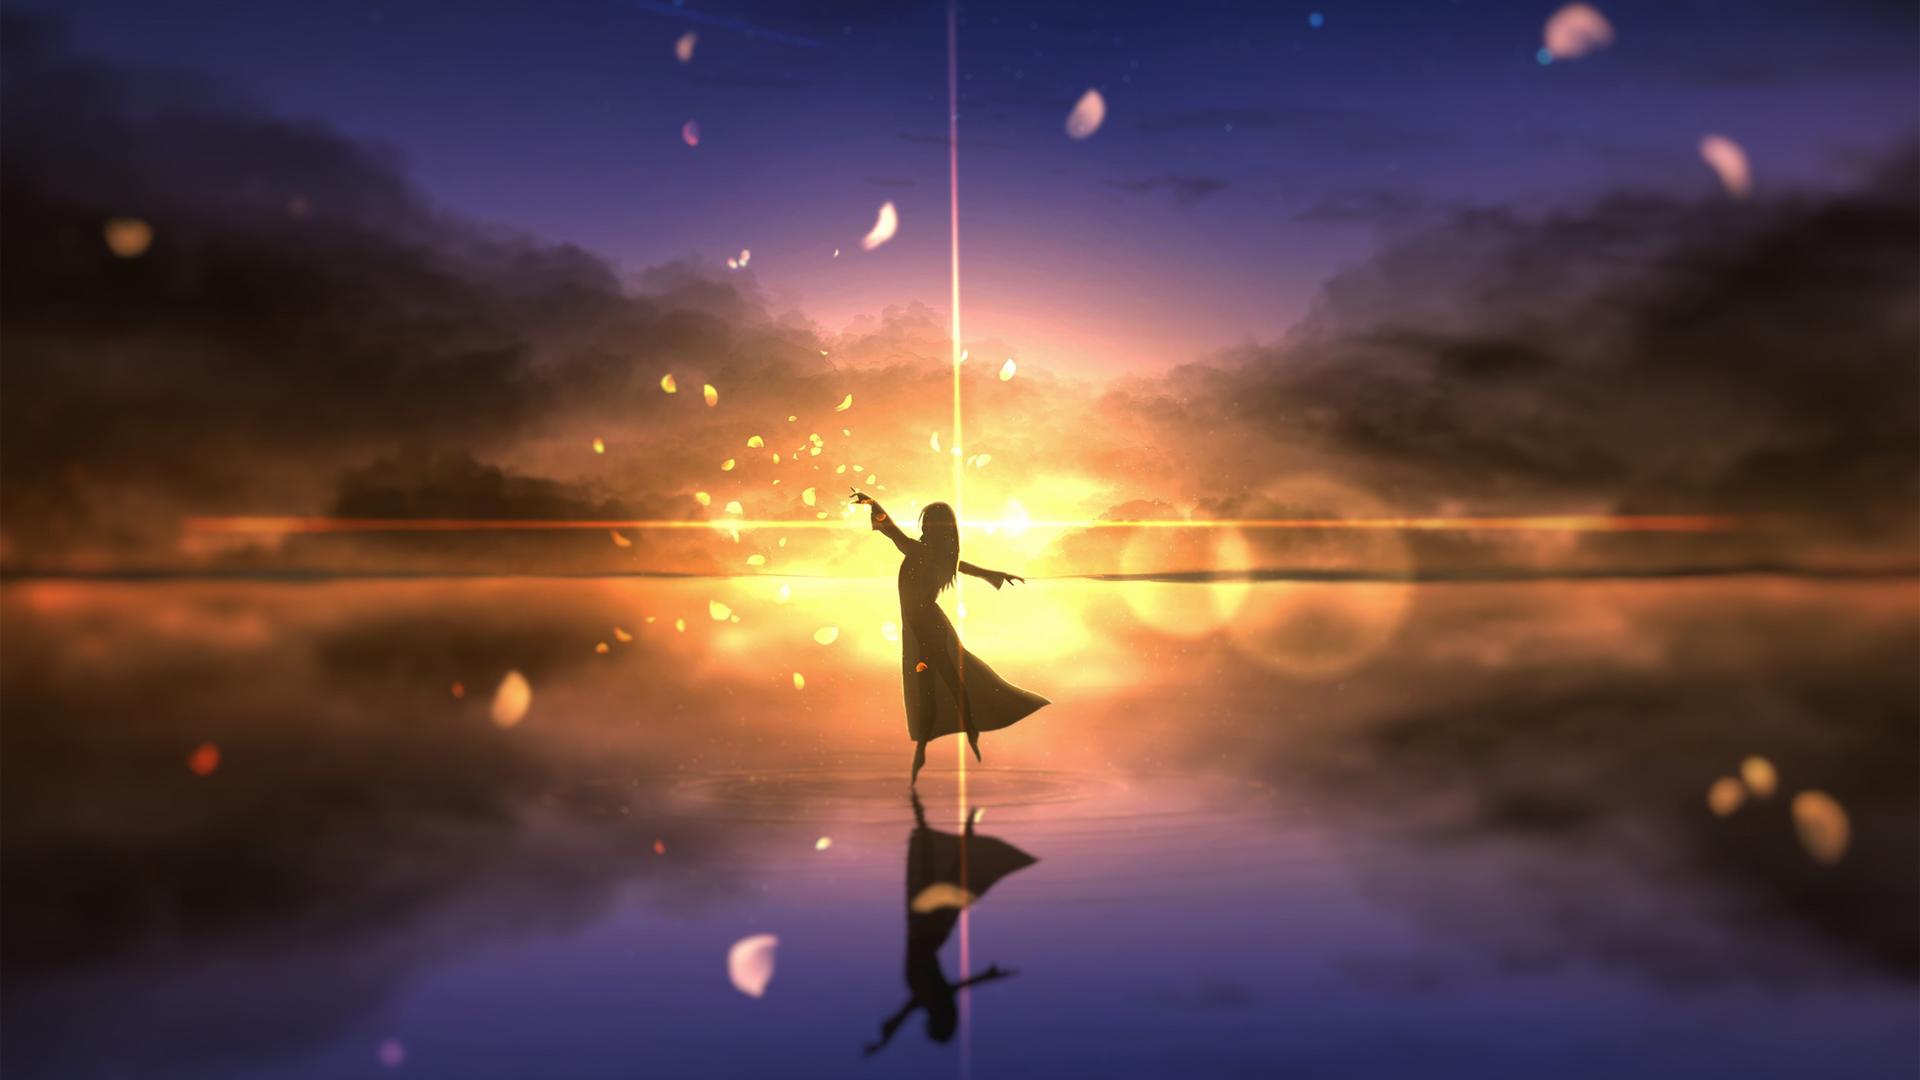 黄昏 夕阳 女孩子幻想 飞舞 天空 水面 动漫风景背景壁纸-动漫壁纸